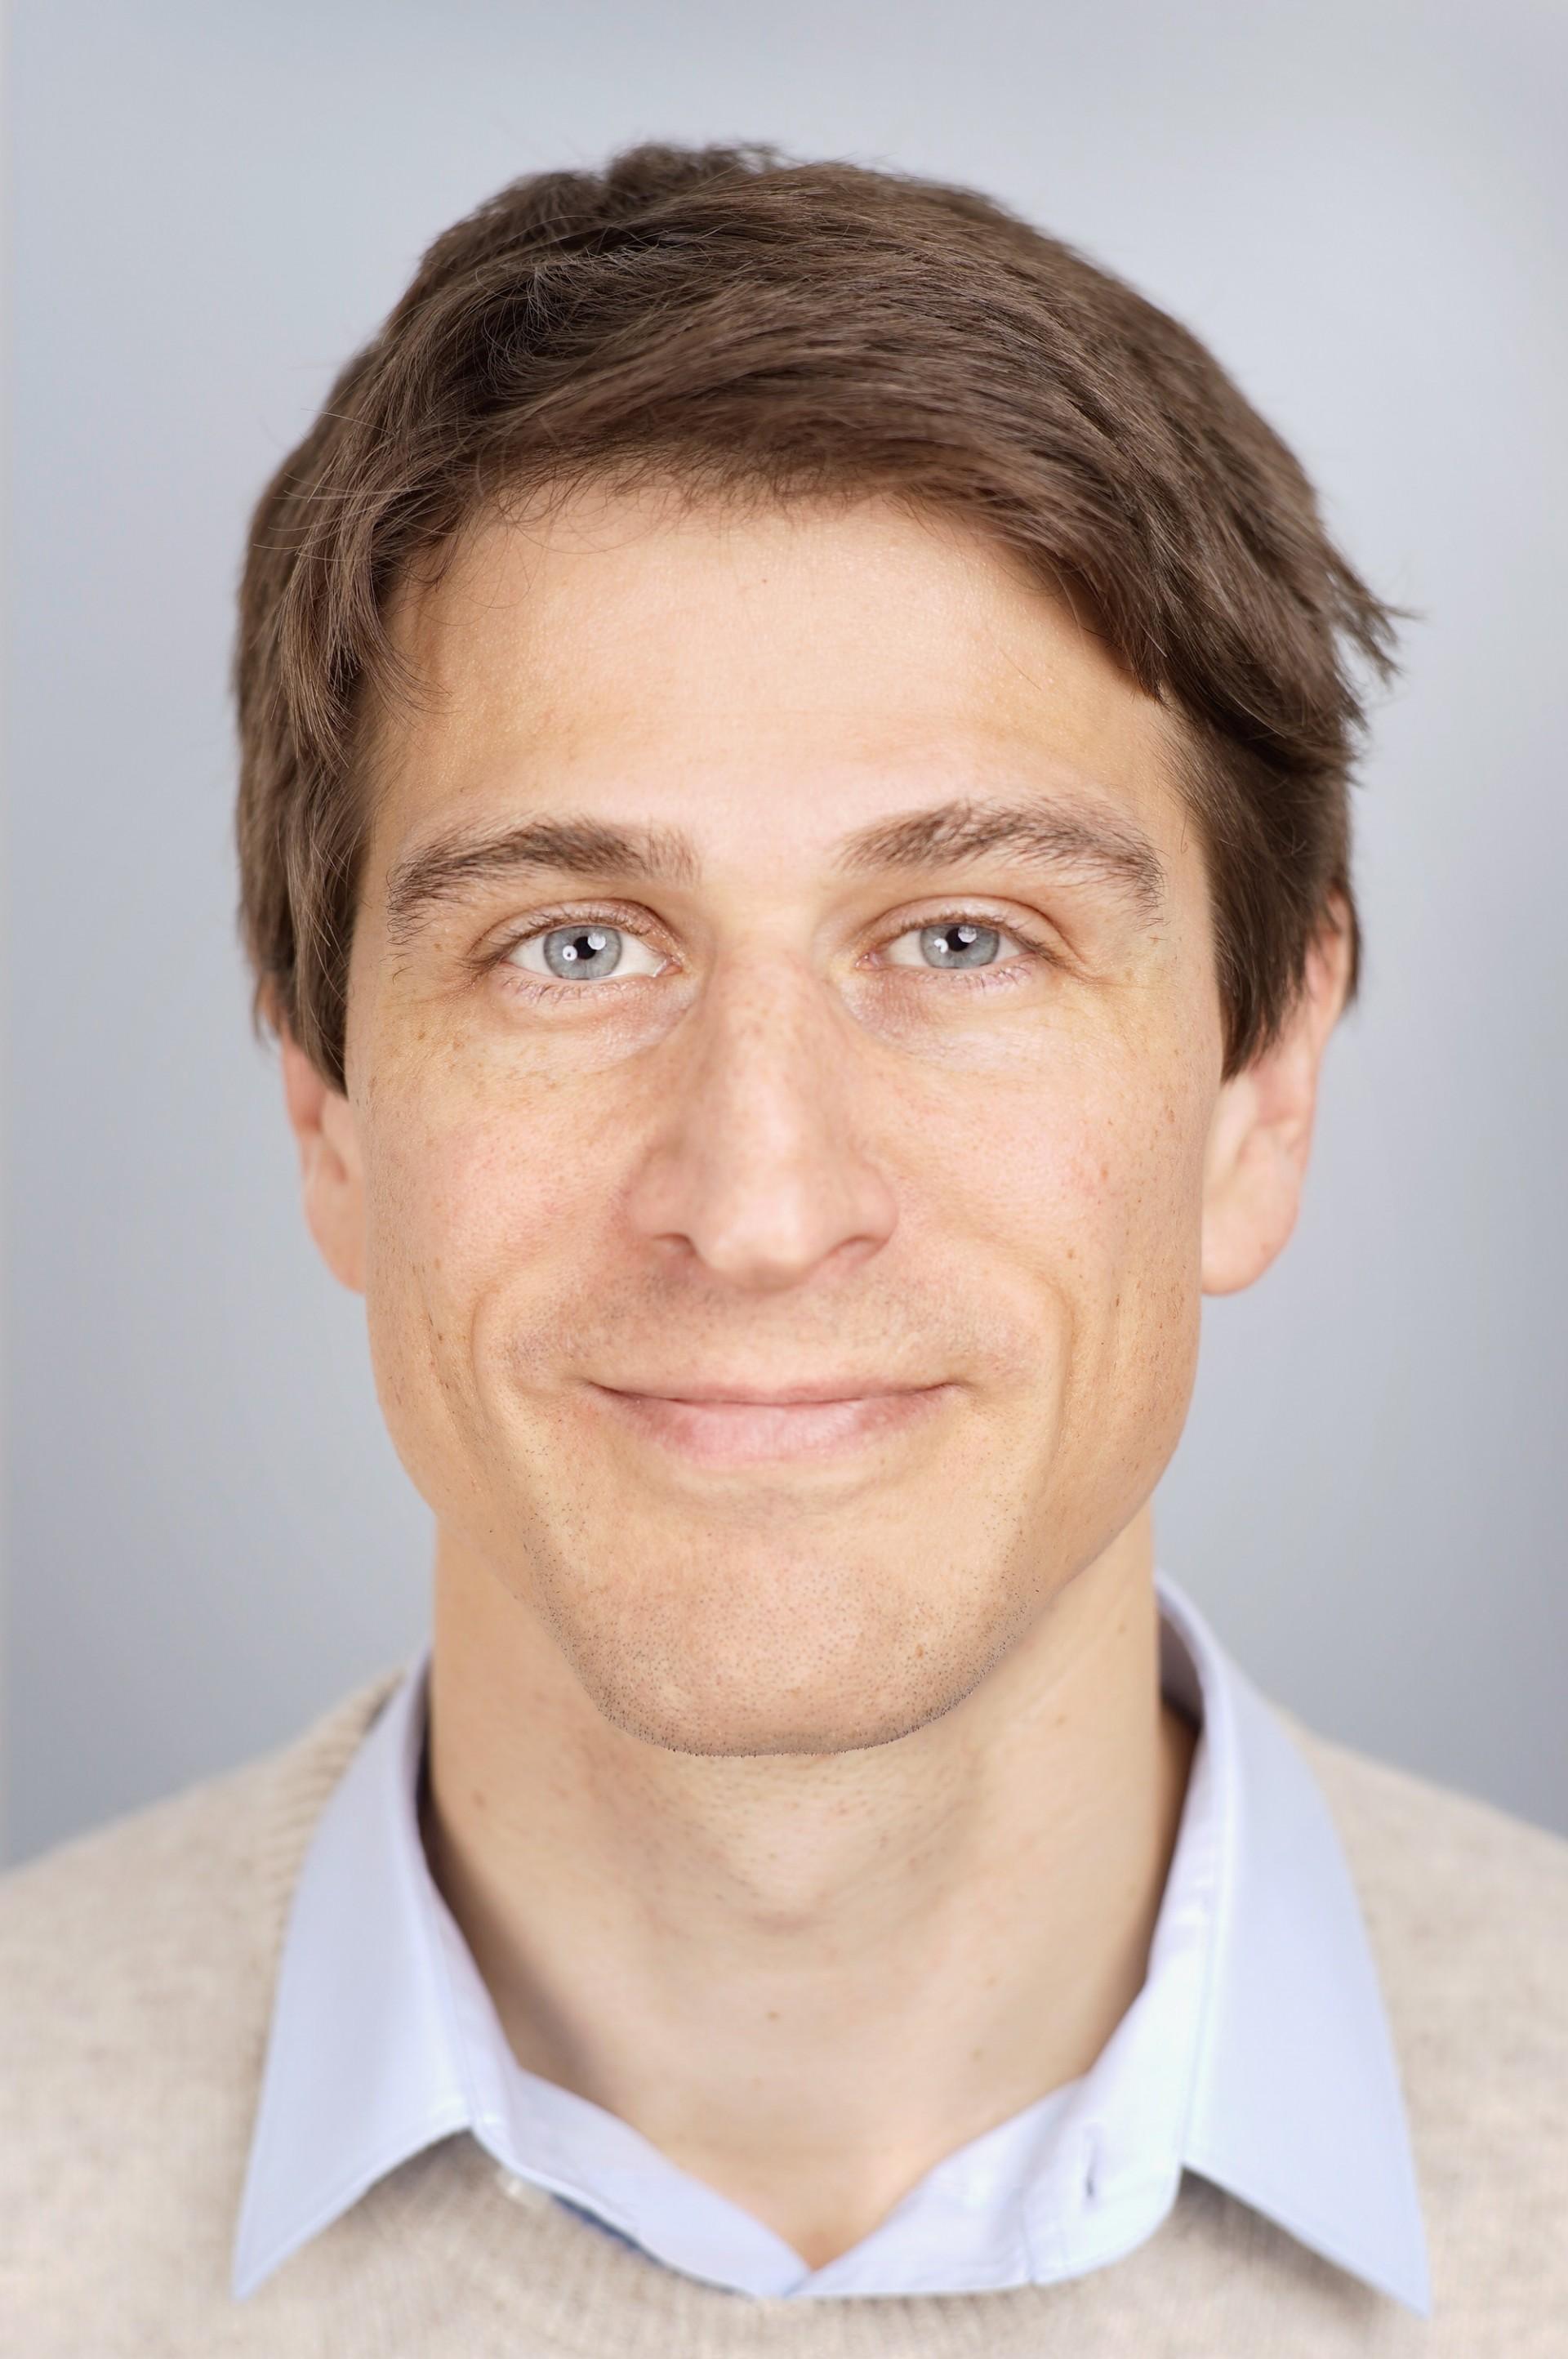 Ingo Juergens Photography Portrait